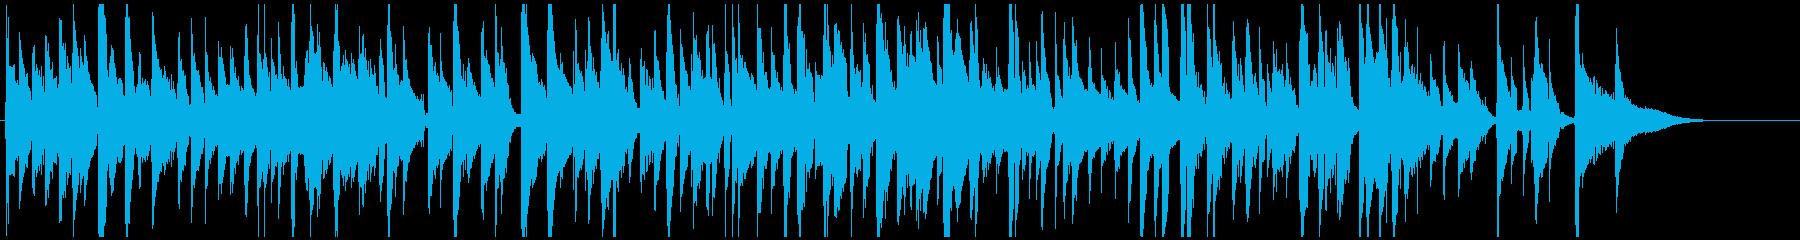 ナイロン弦ギターの落ち着いたジングルの再生済みの波形